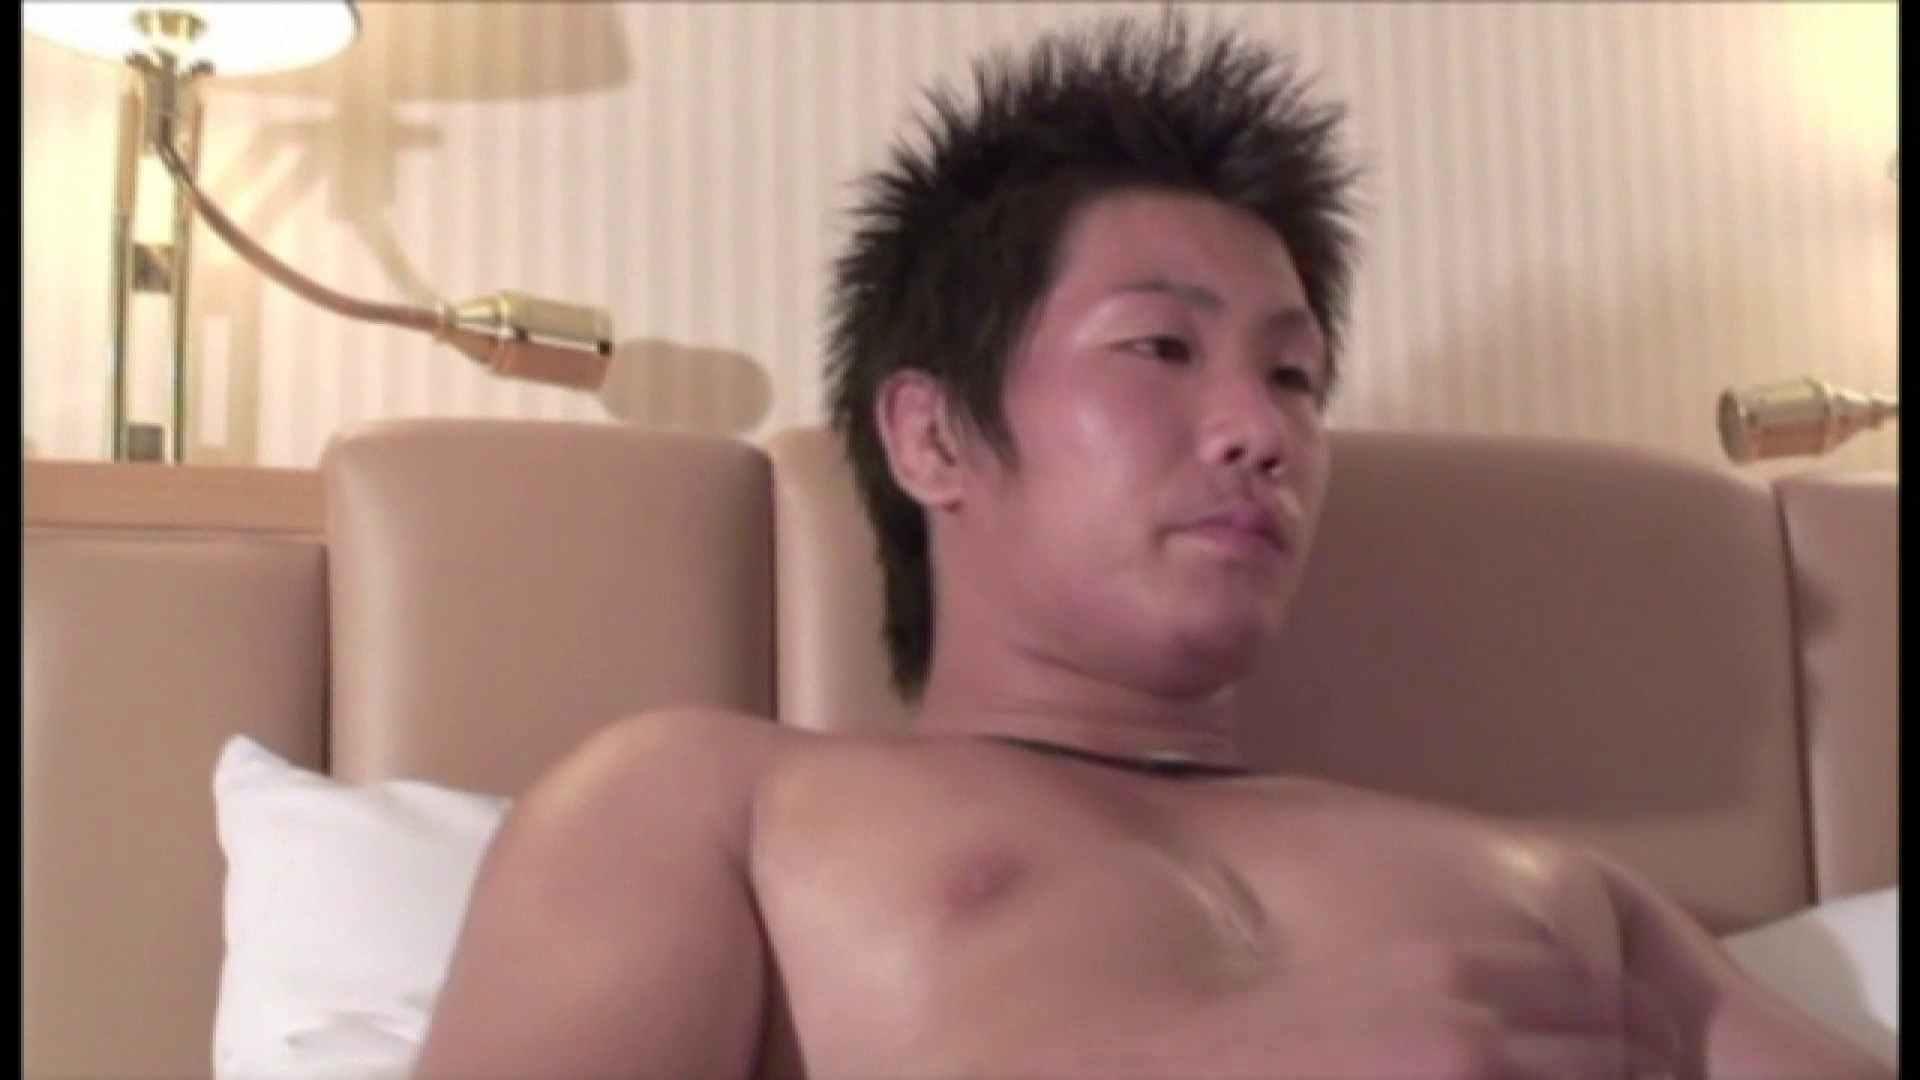 ノンケイケメンの欲望と肉棒 Vol.25 ノンケ ゲイアダルト画像 40連発 28